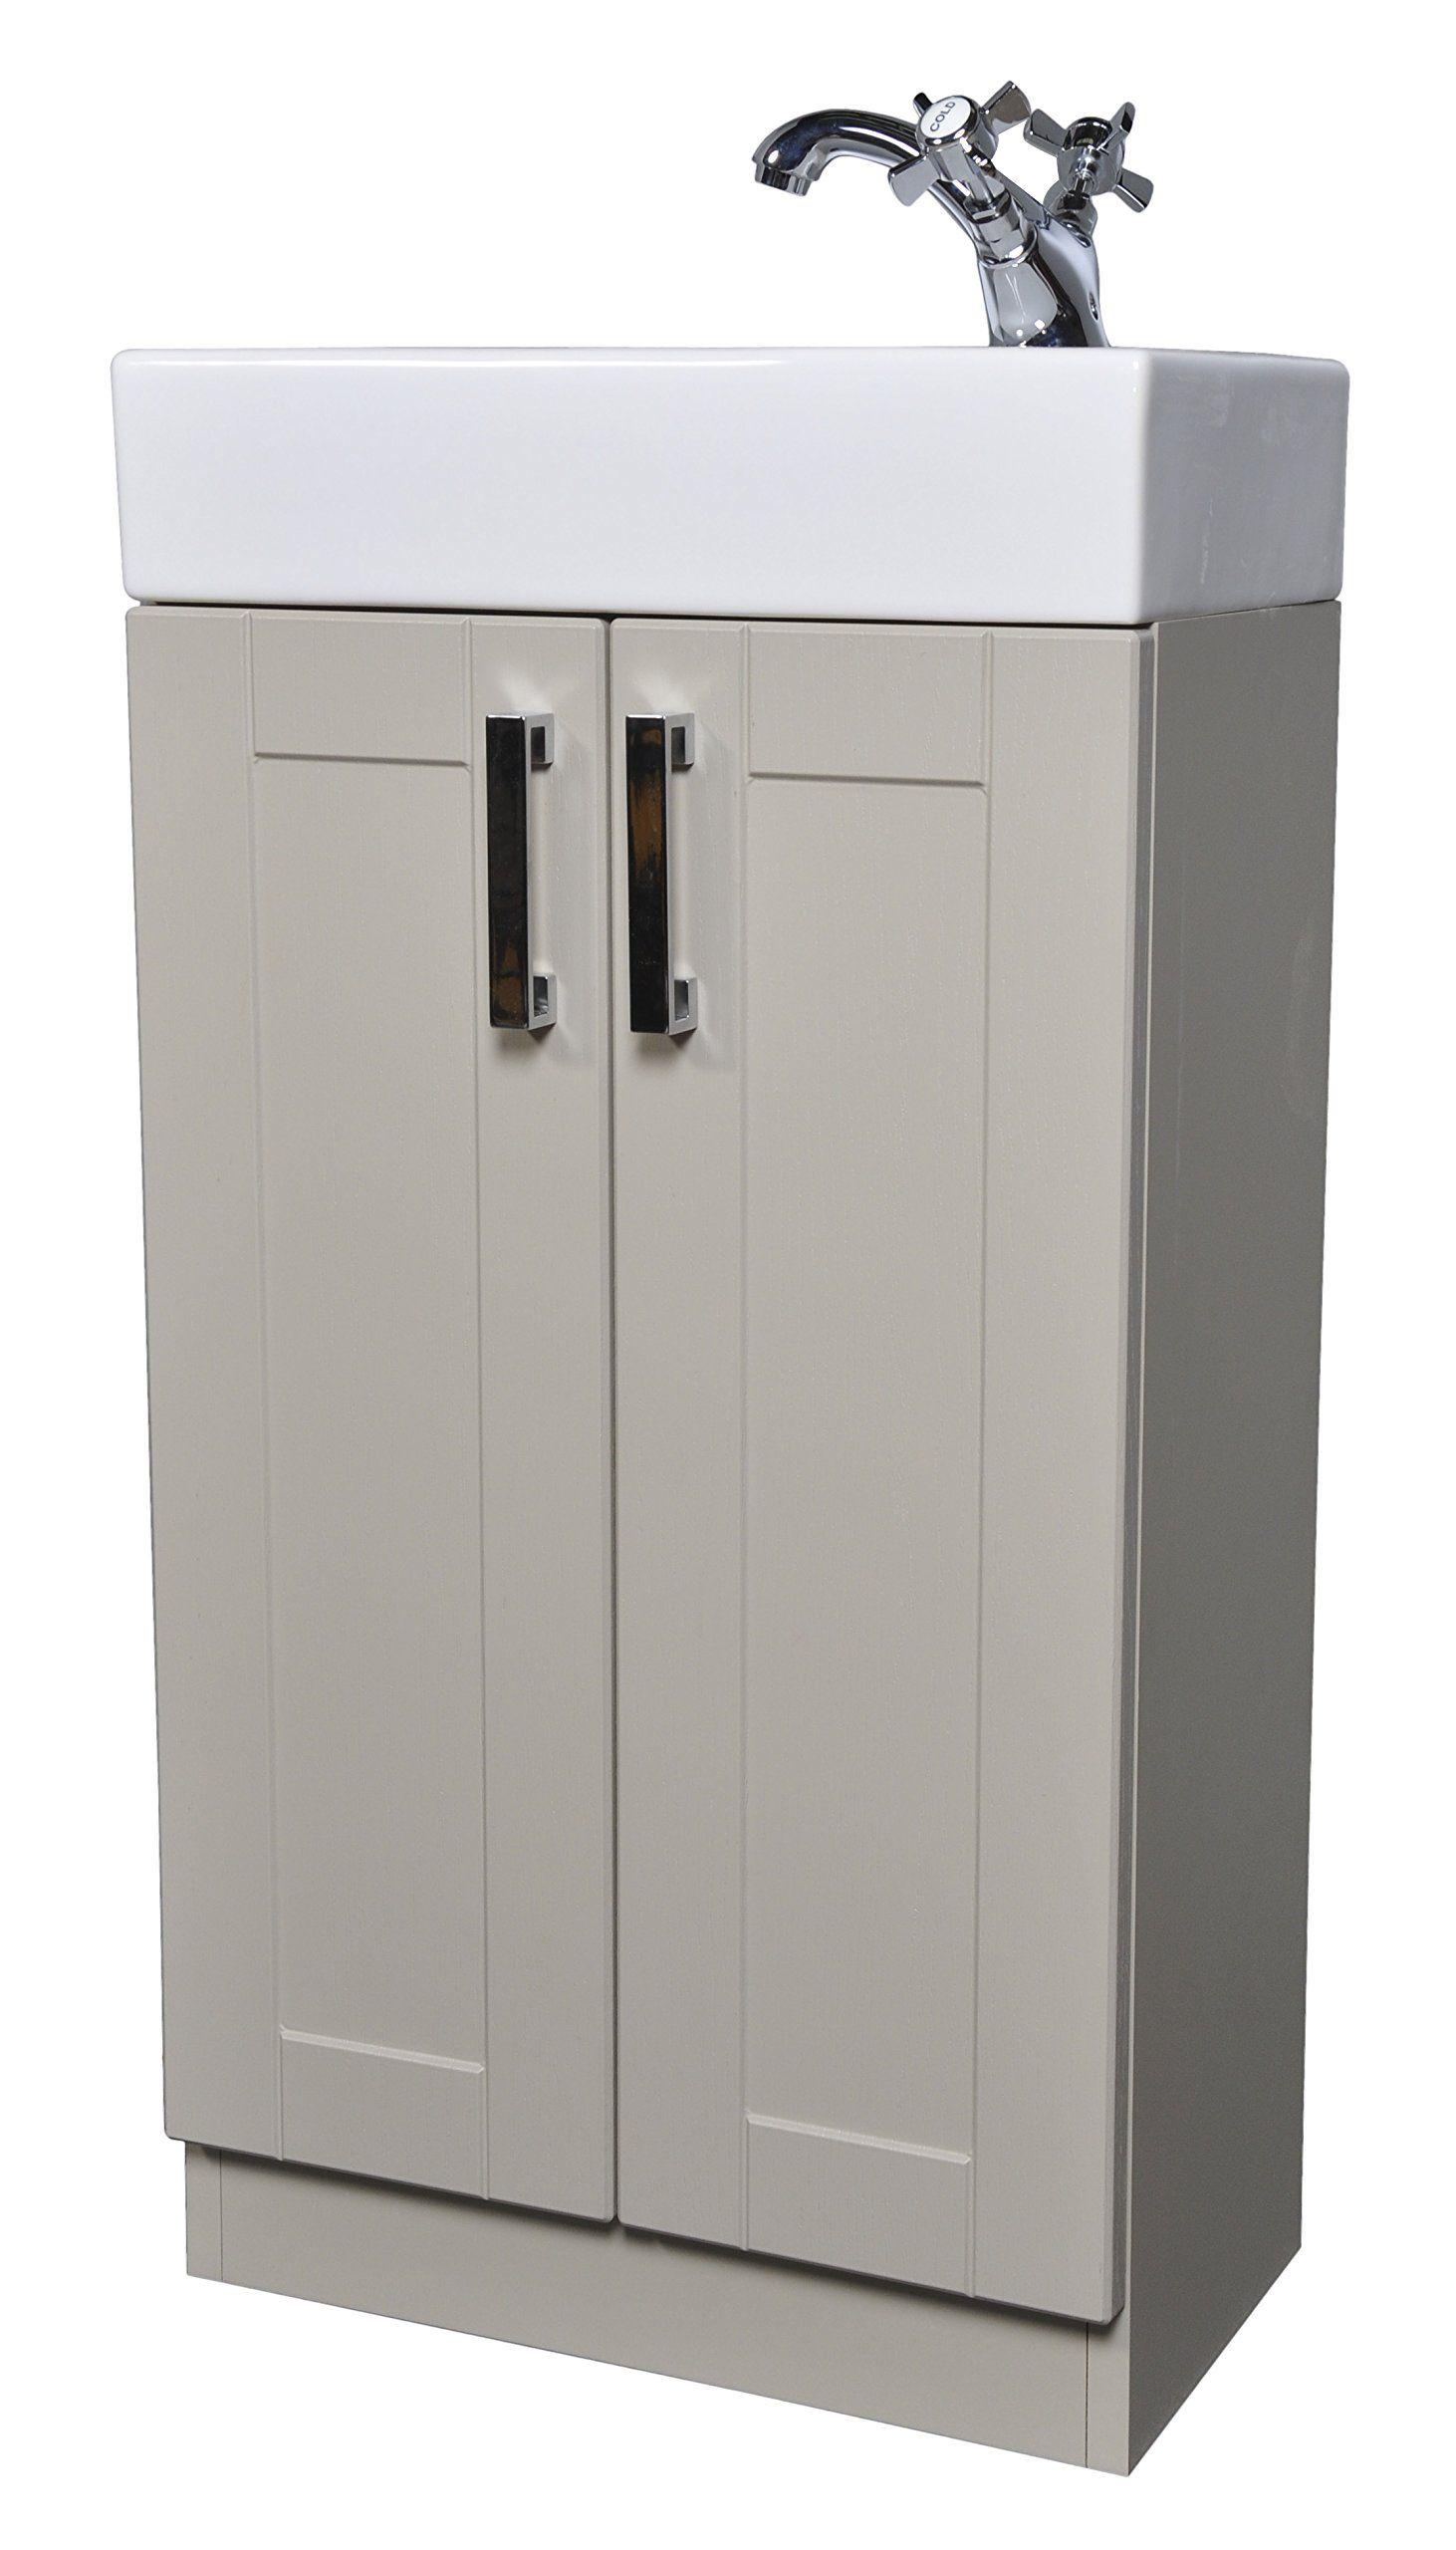 grey green shaker 450mm cloakroom bathroom vanity unit. Black Bedroom Furniture Sets. Home Design Ideas